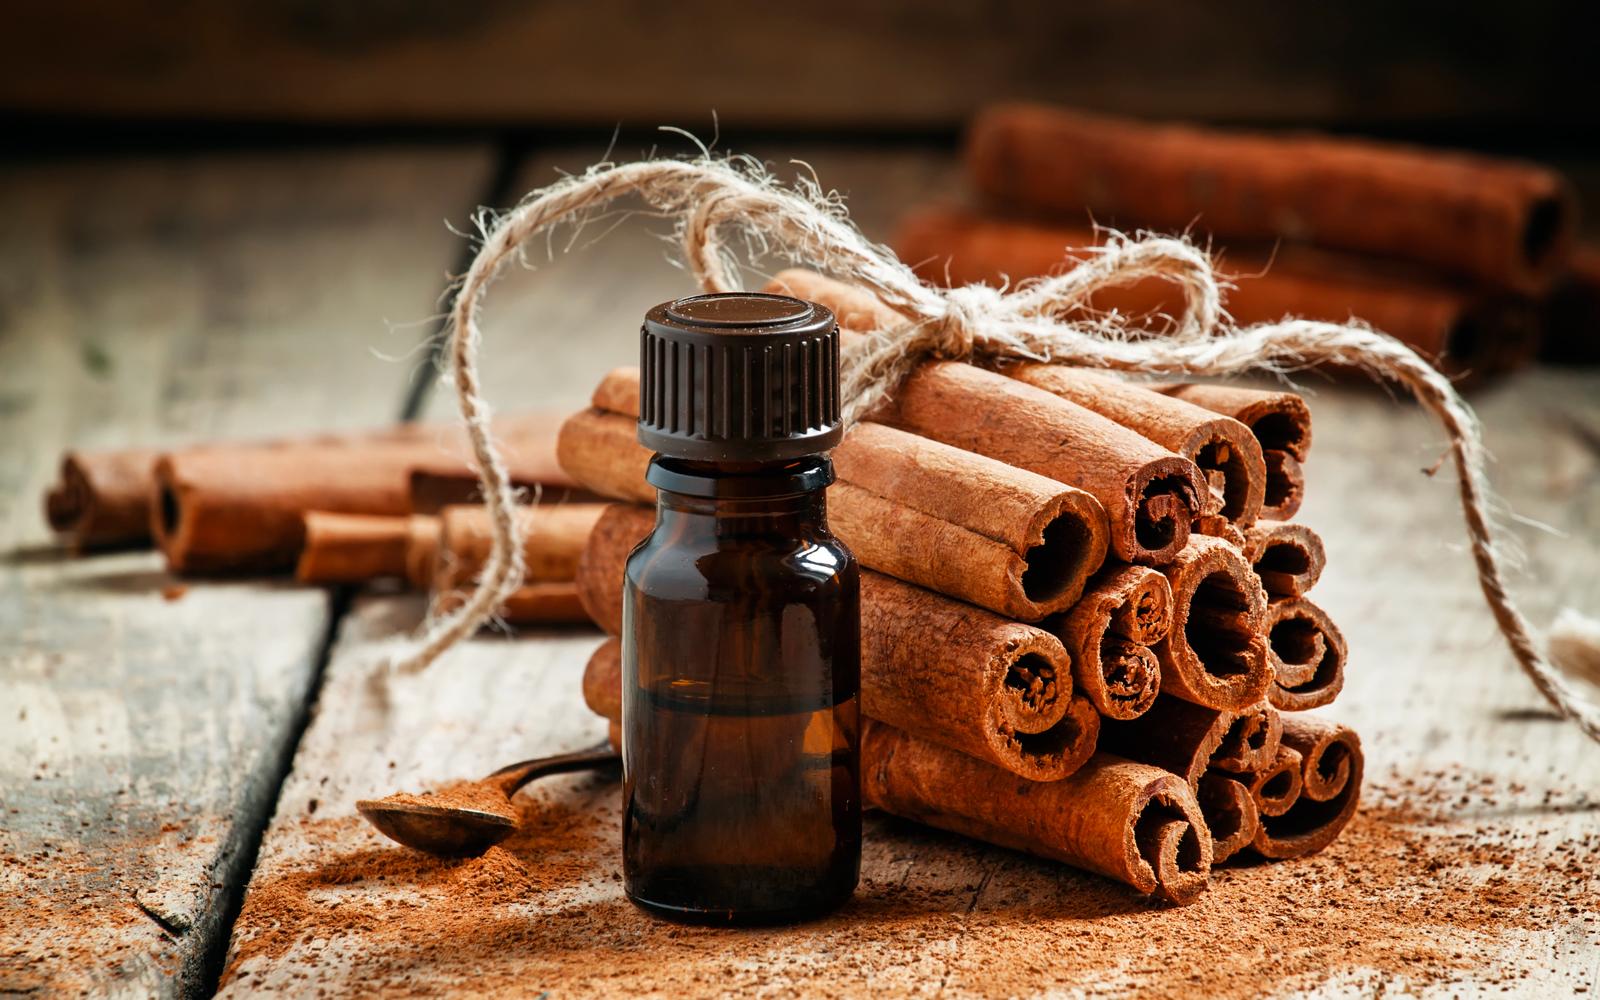 Olio Essenziale di cannella: Proprietà e utilizzi